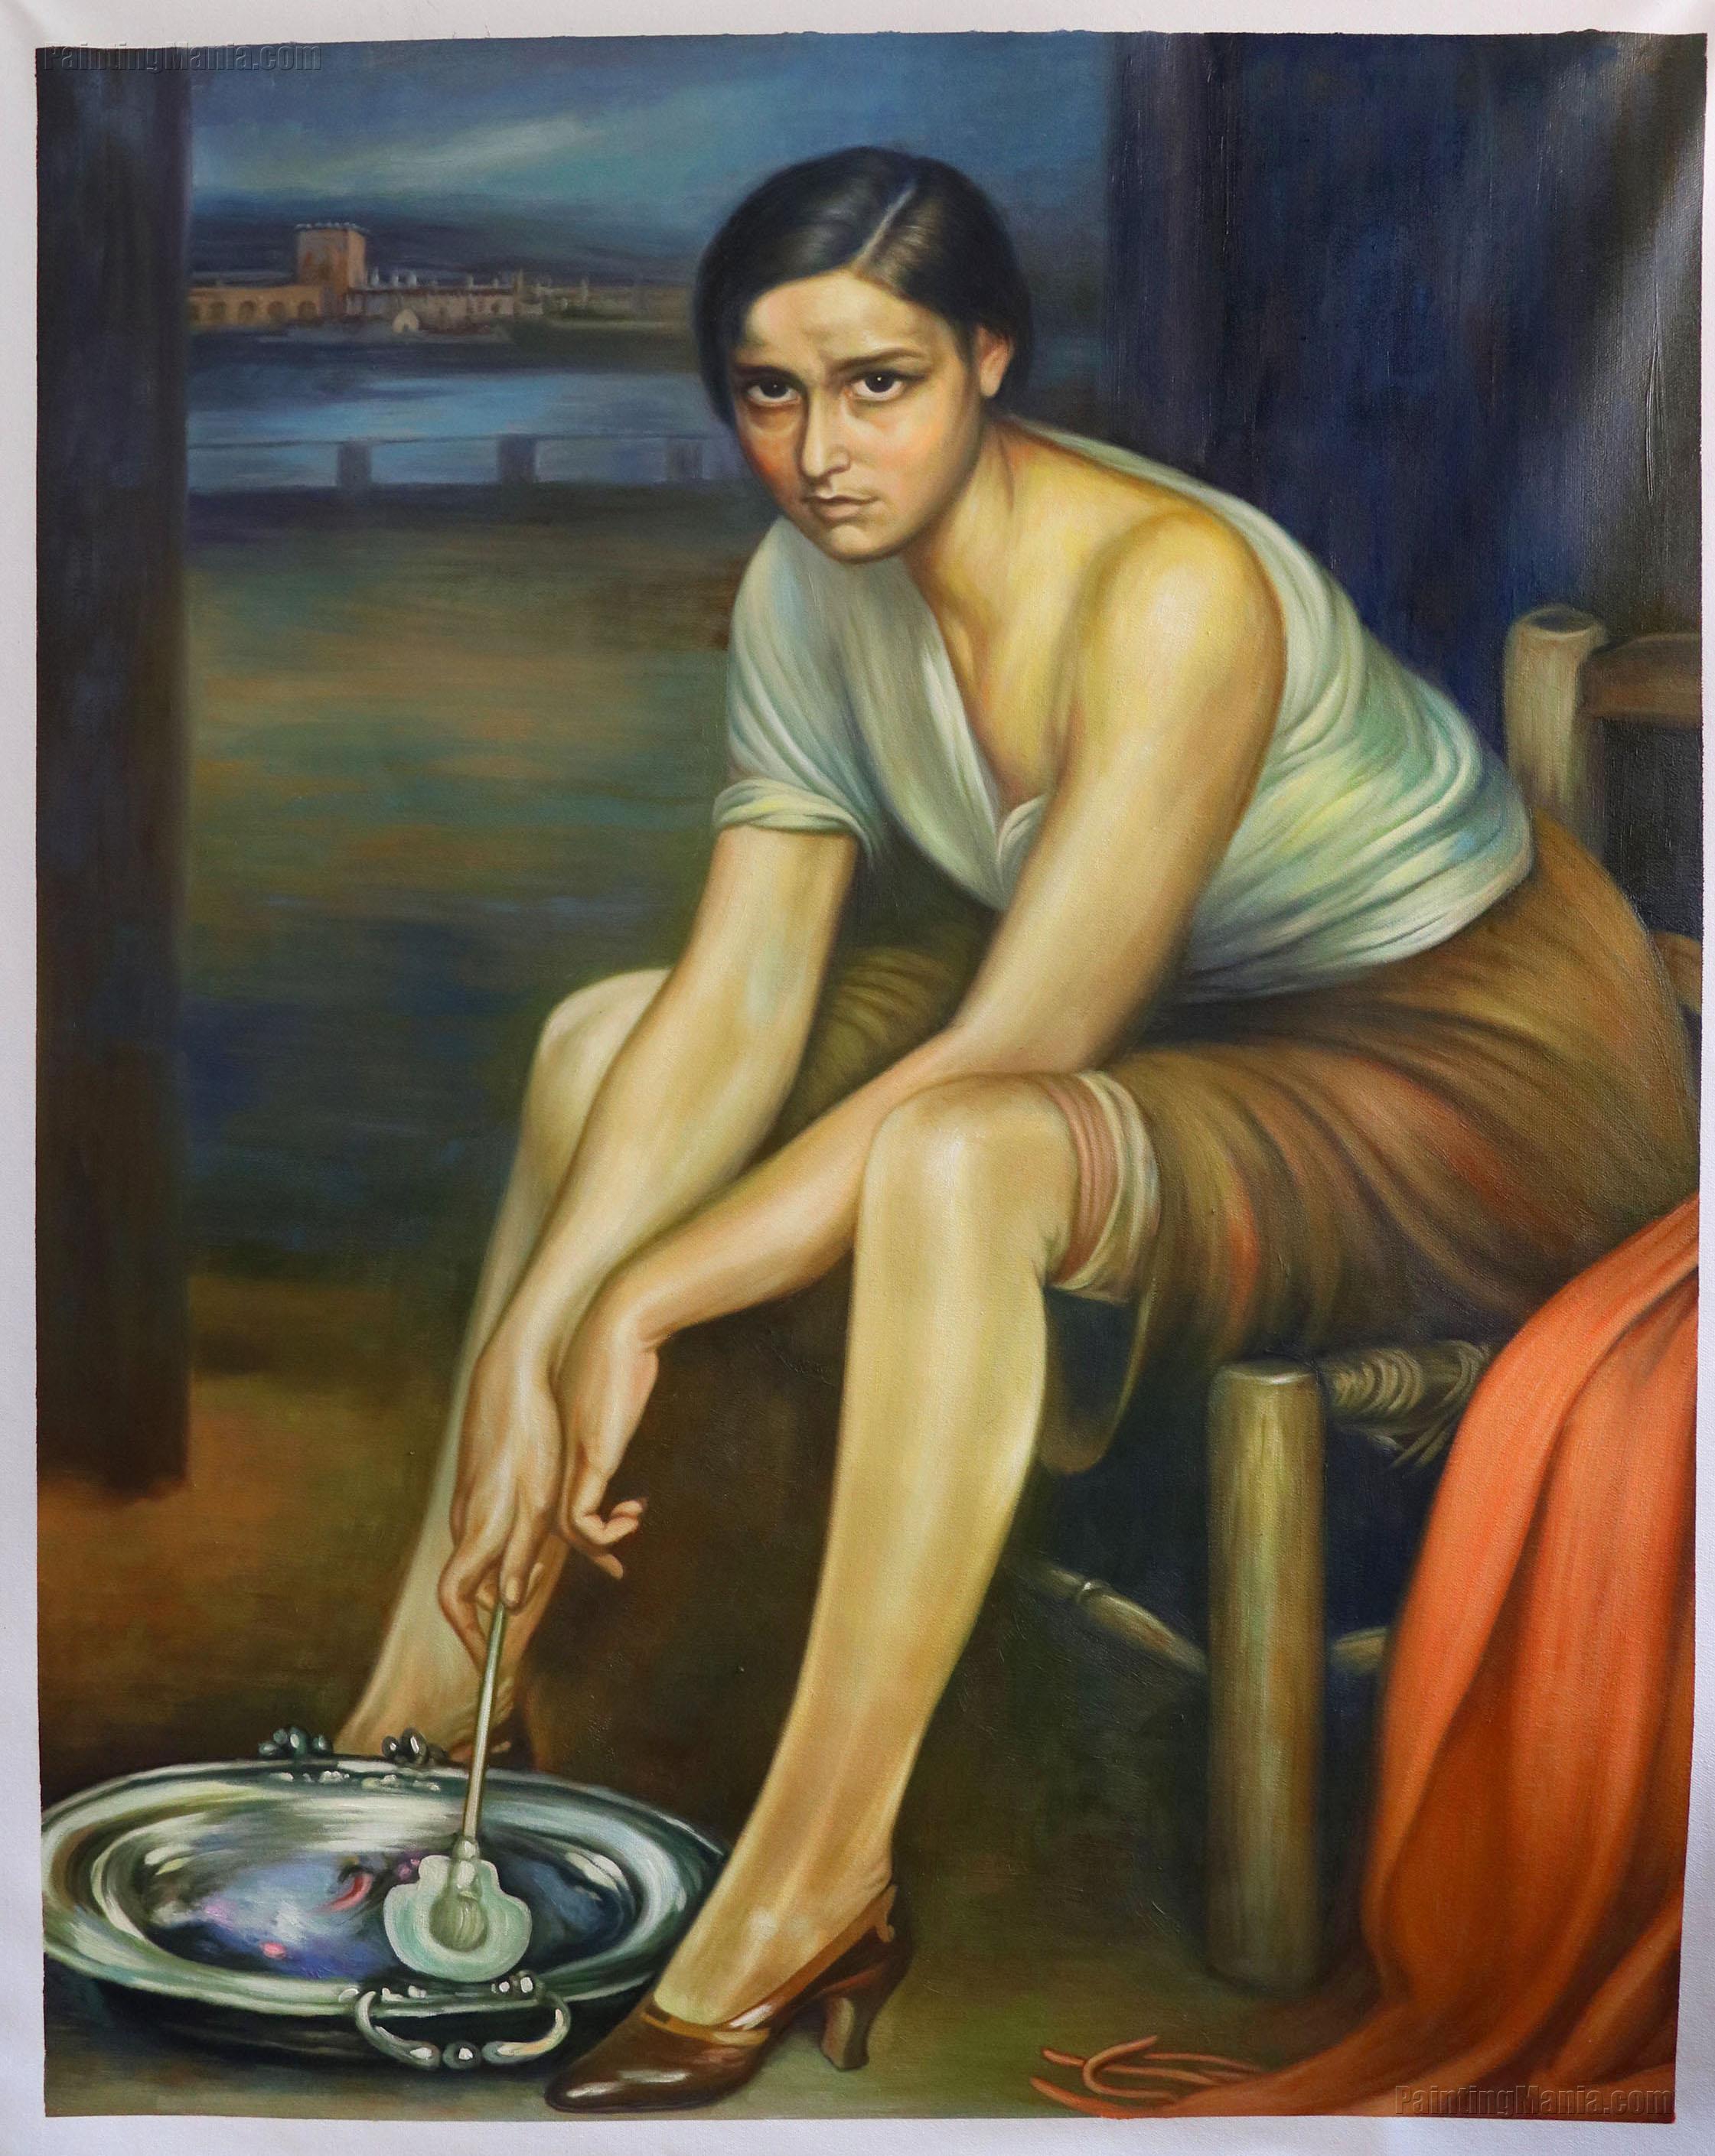 La Chiquita Piconero (The Little Coal Girl)